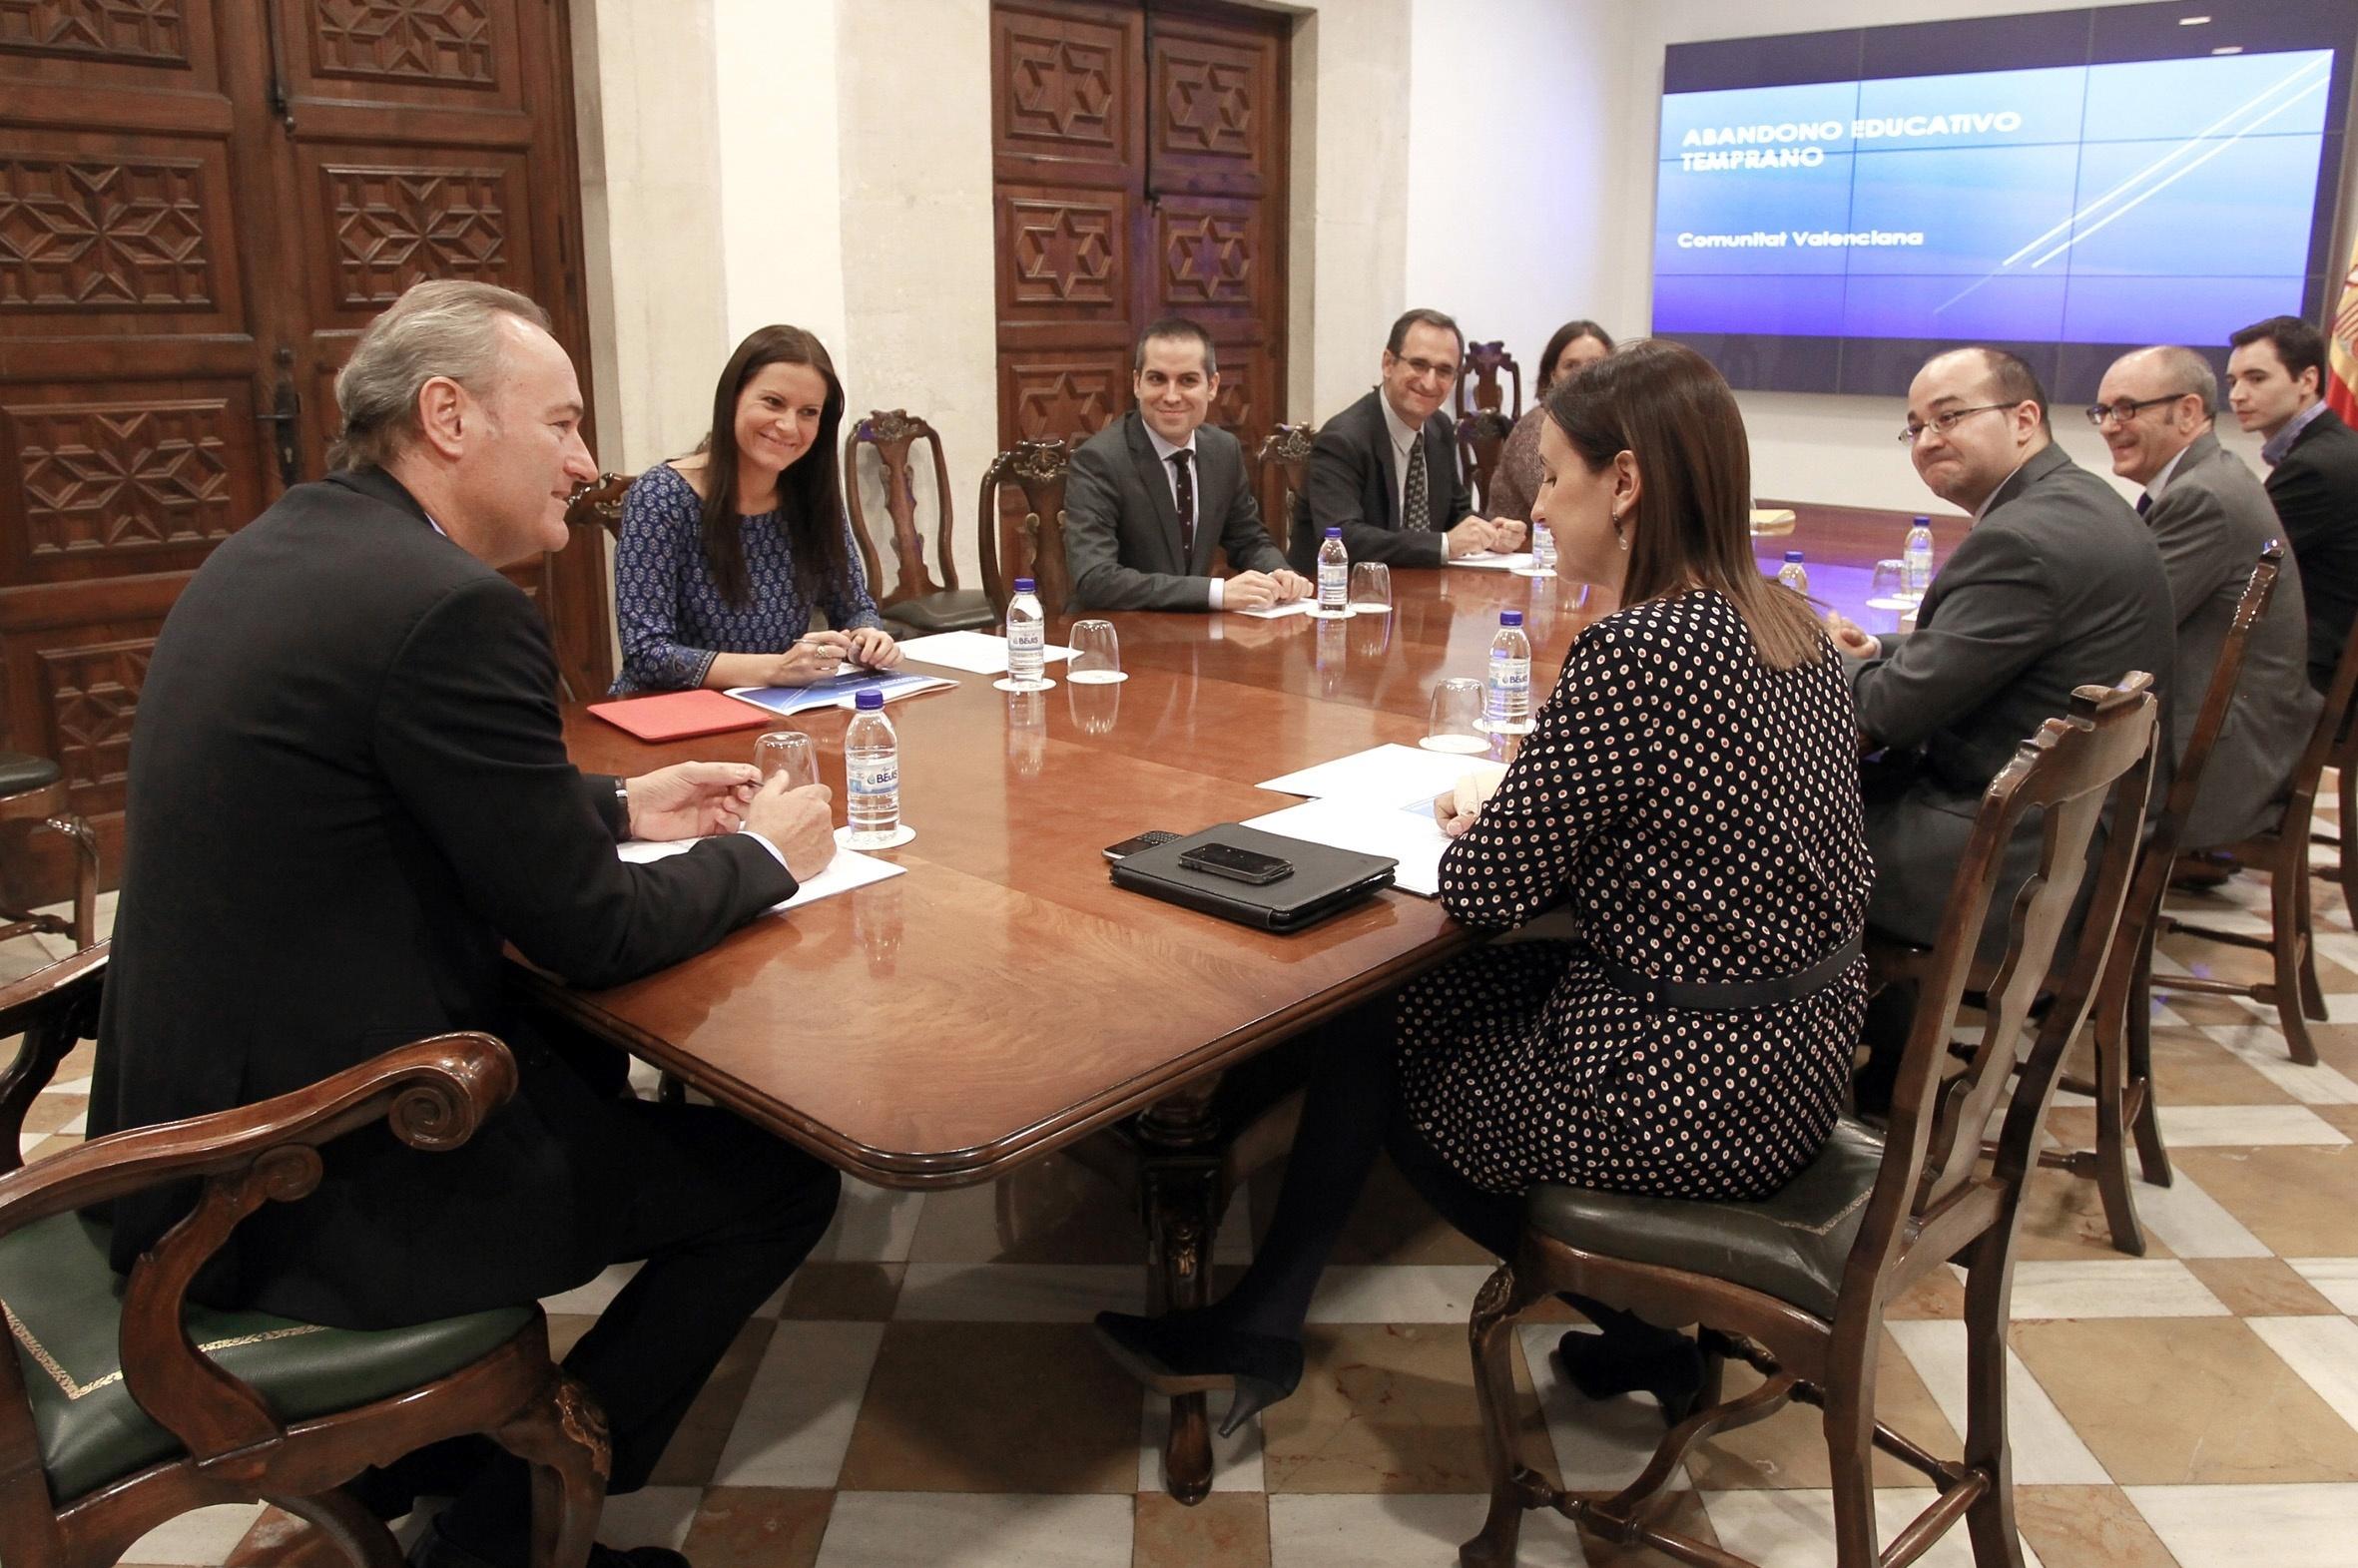 Fabra anuncia que la Comunitat Valenciana ha reducido la tasa de abandono escolar en 4,5 puntos